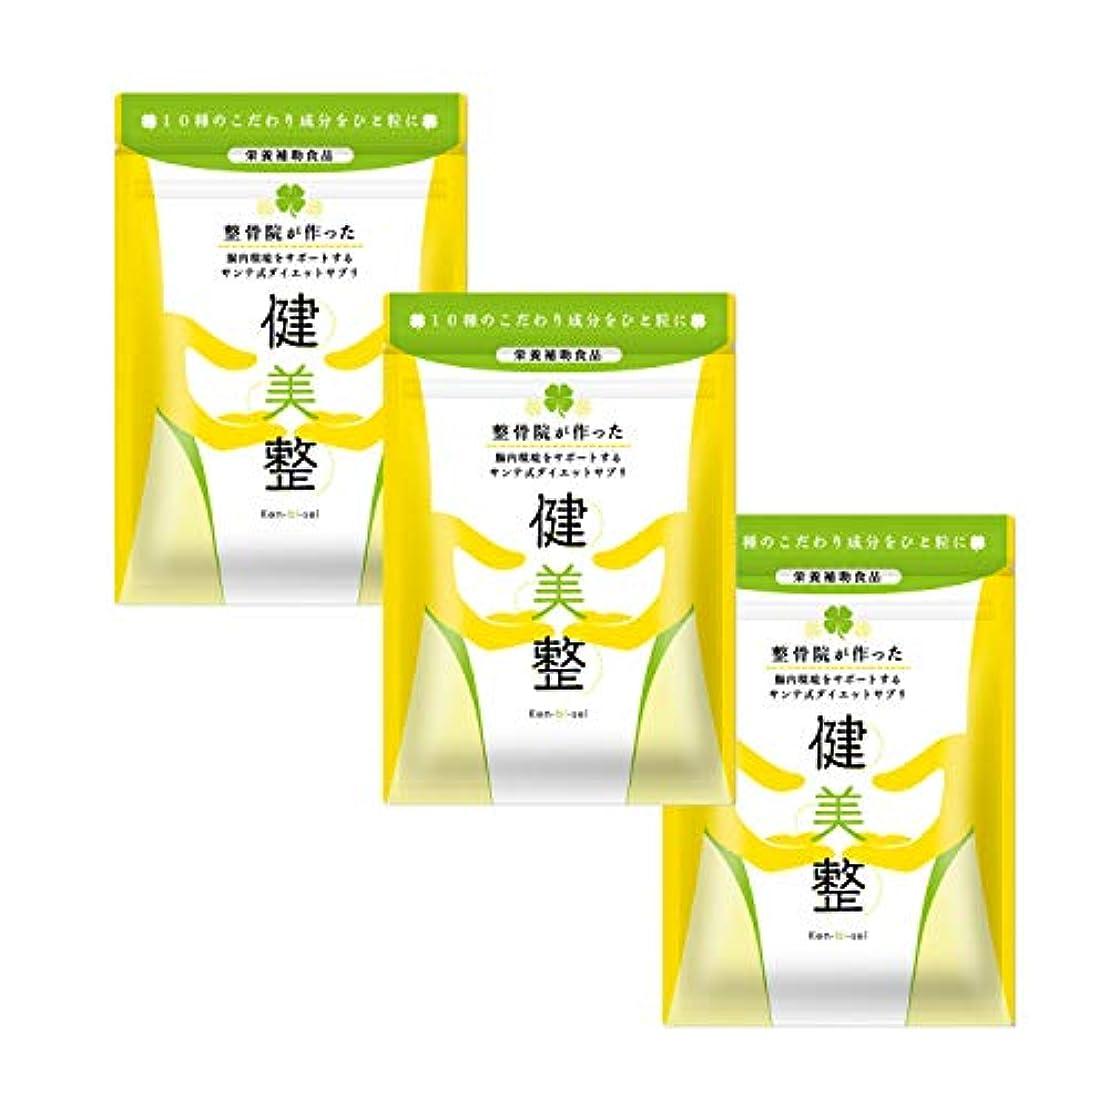 連鎖オフ修道院サプリメント ダイエット 酵素 腸内 健美整 人気 腸内環境 60粒1か月分 (3)